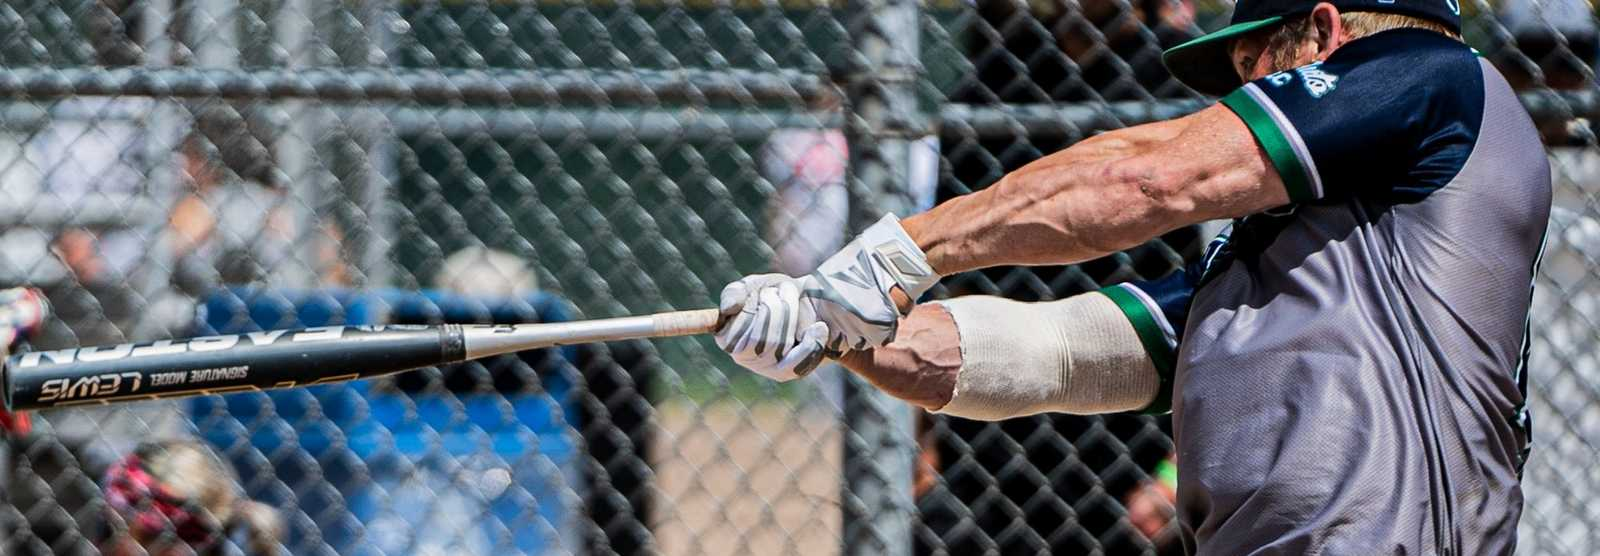 slowpitch-softball-batting-gloves